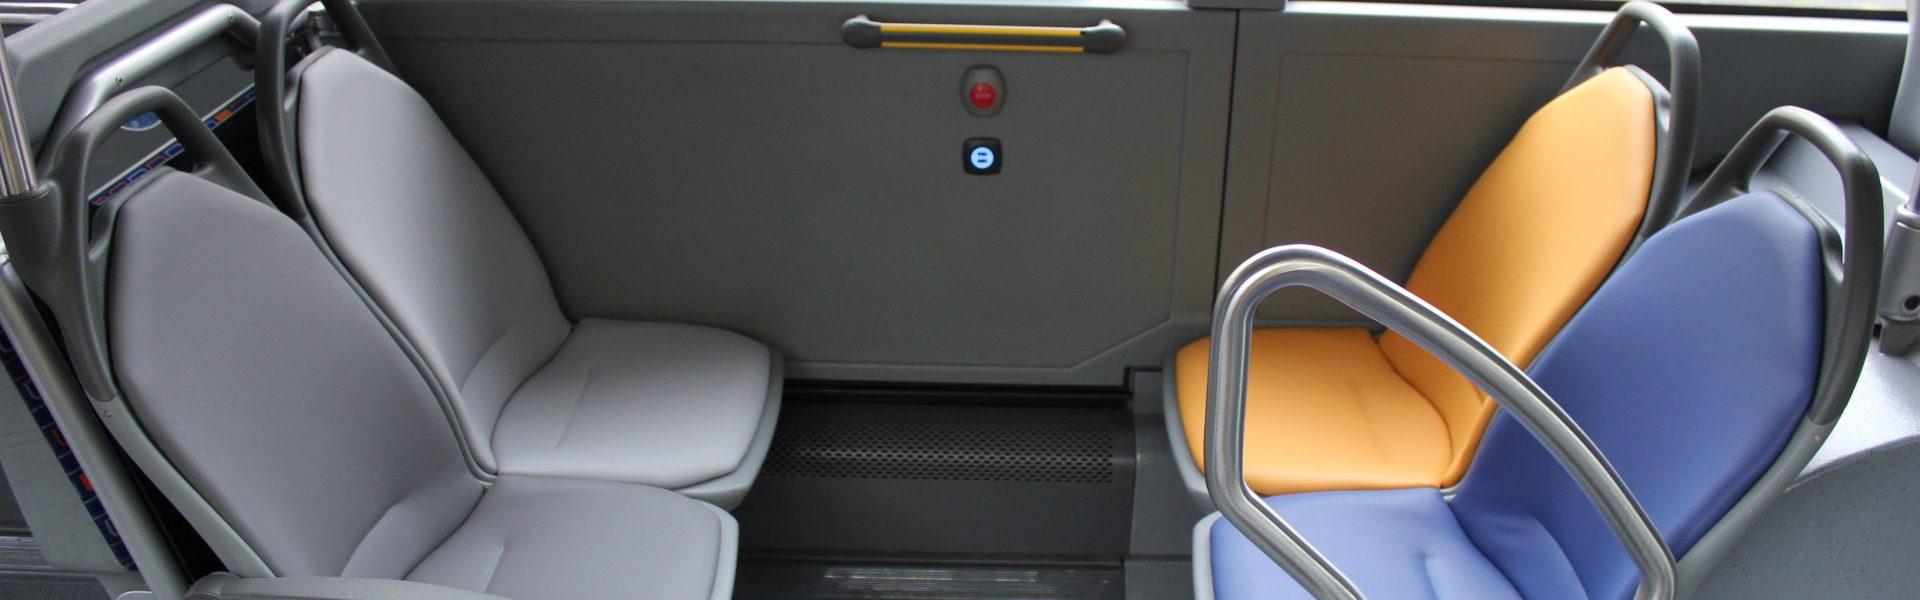 Header Bild HEAG mobiBus testet neue Sitzbezüge in Bussen